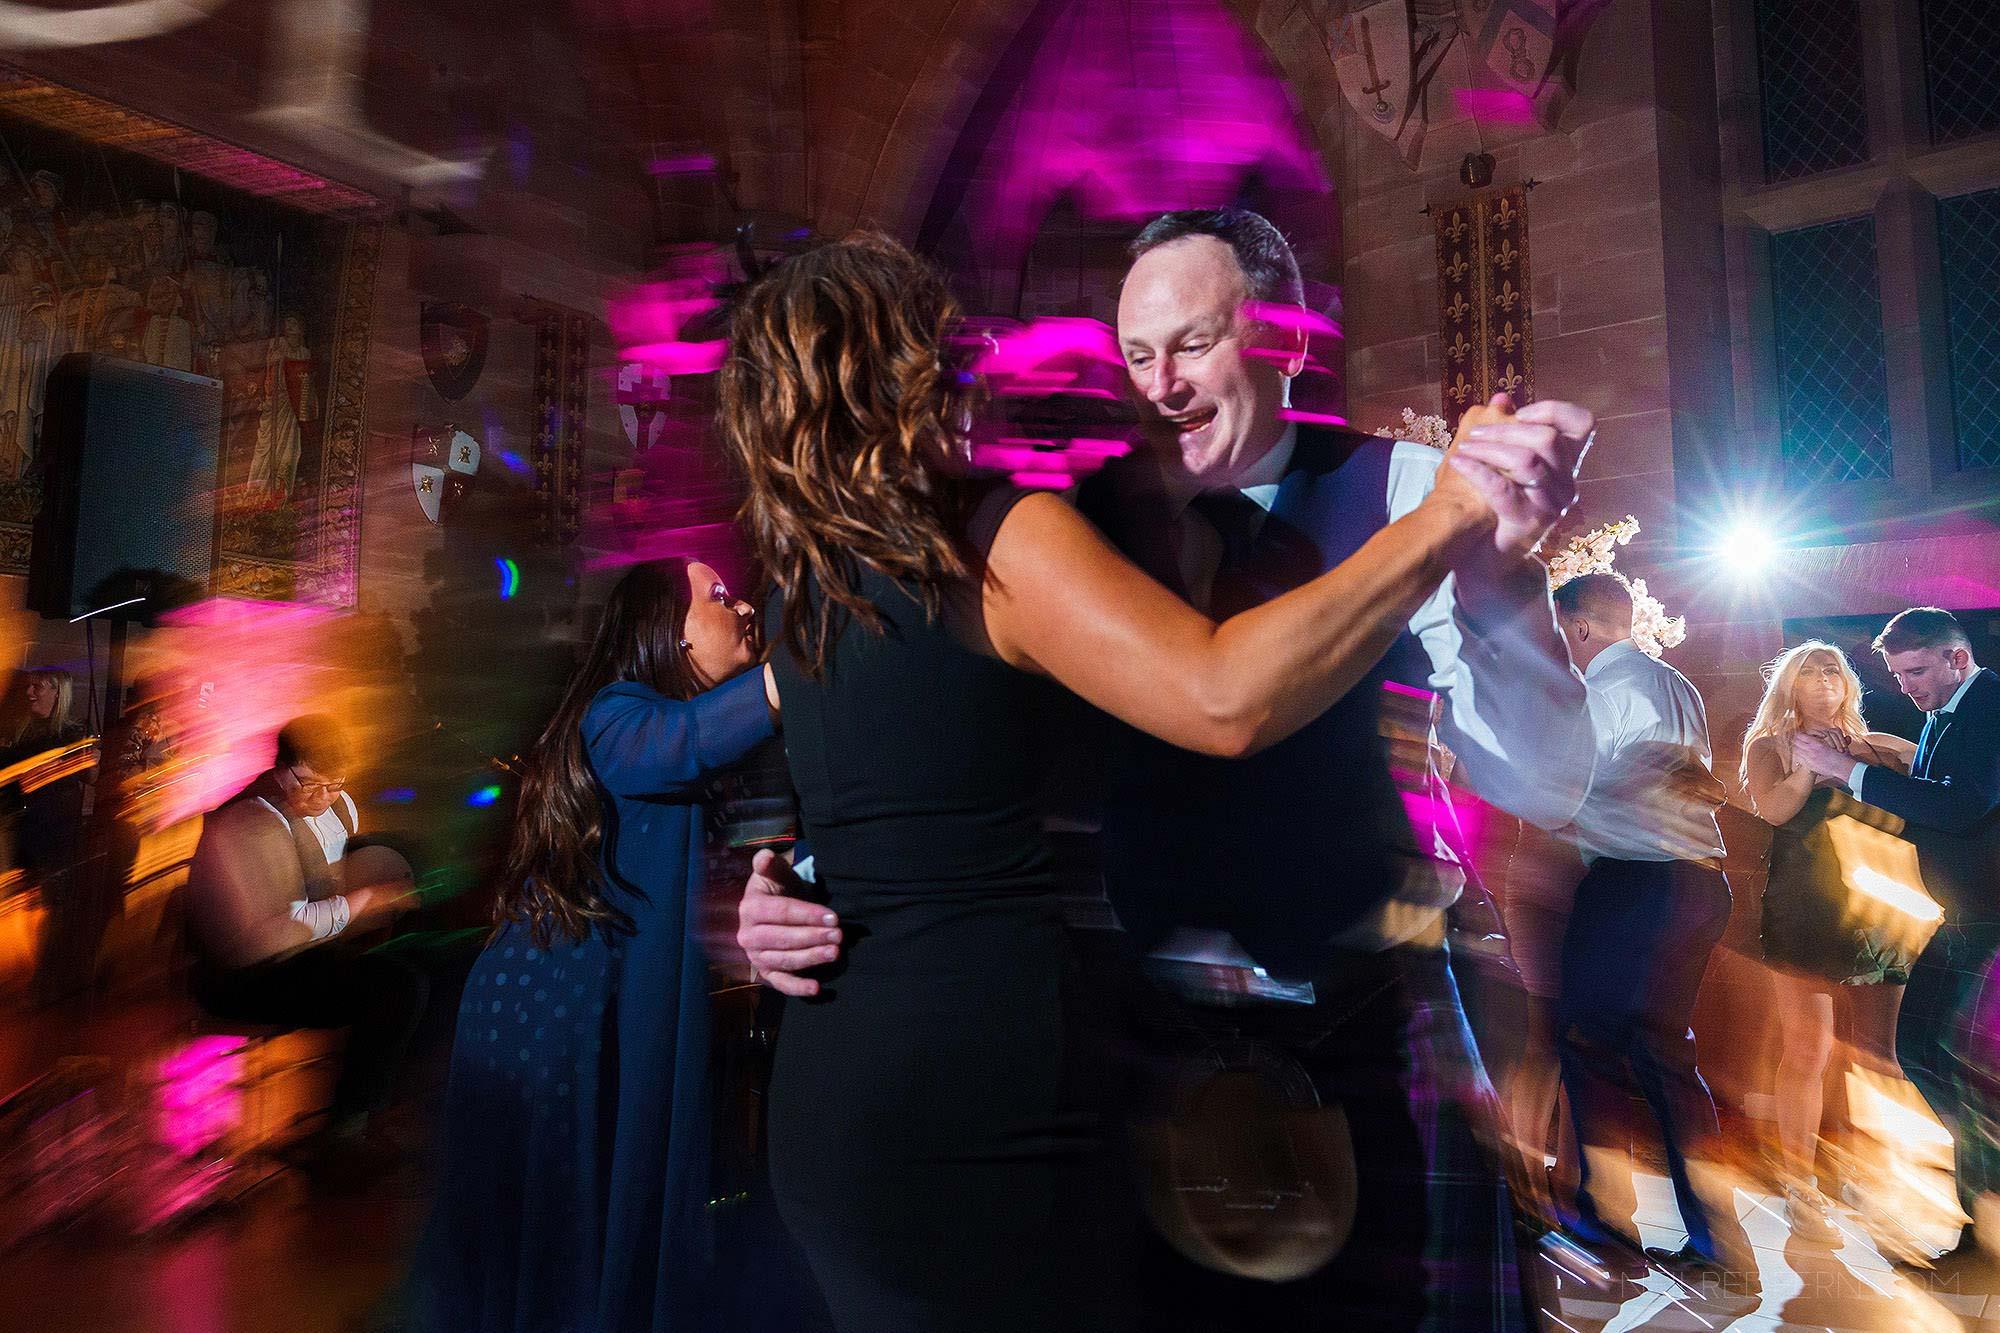 Cèilidh dancing at Peckforton Castle